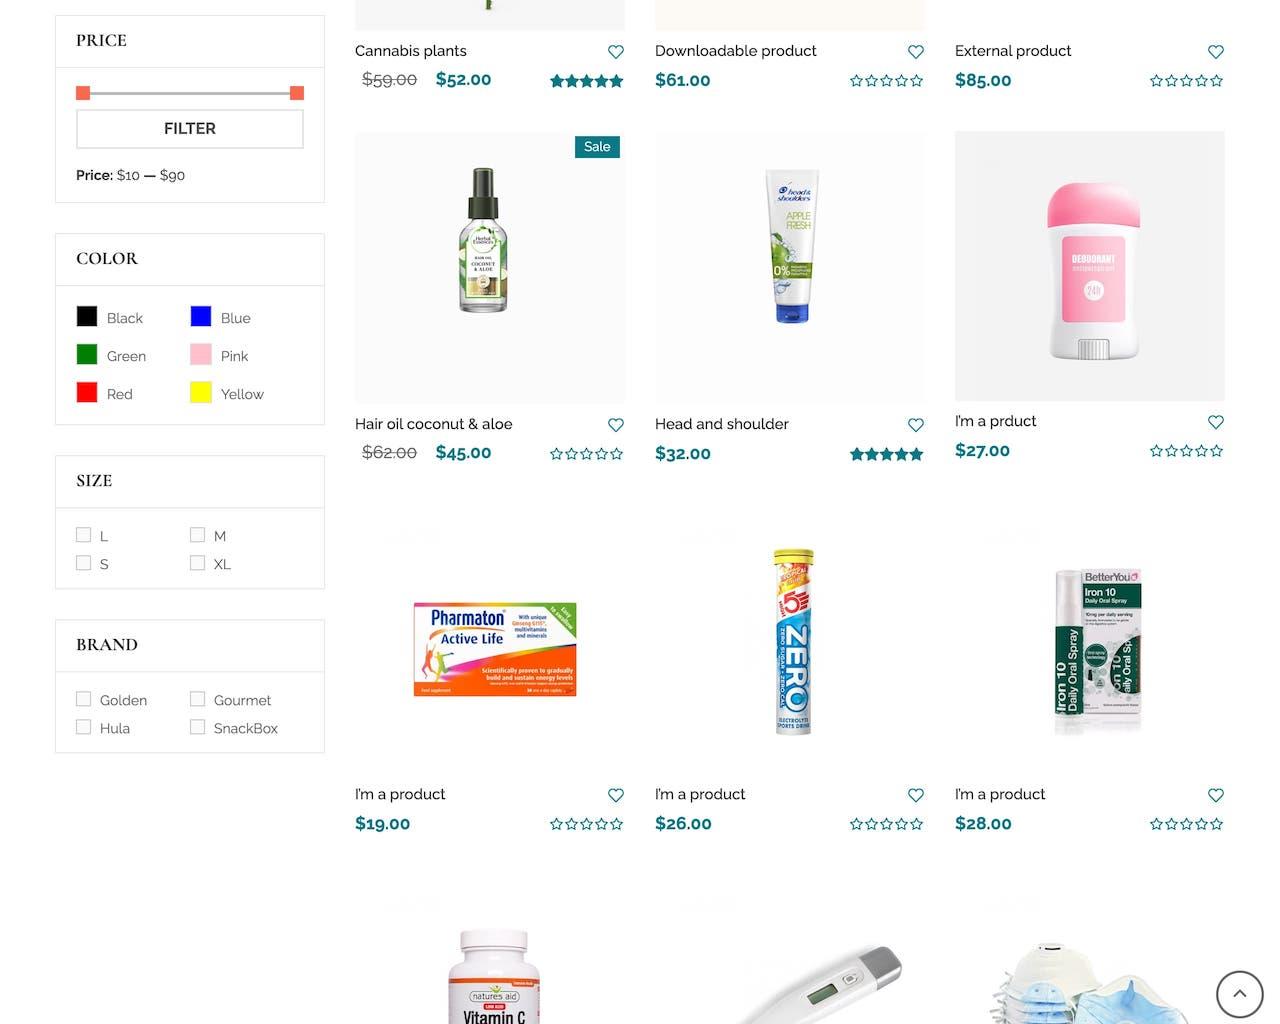 Website tiệm thuốc - cửa hàng dược phẩm-2